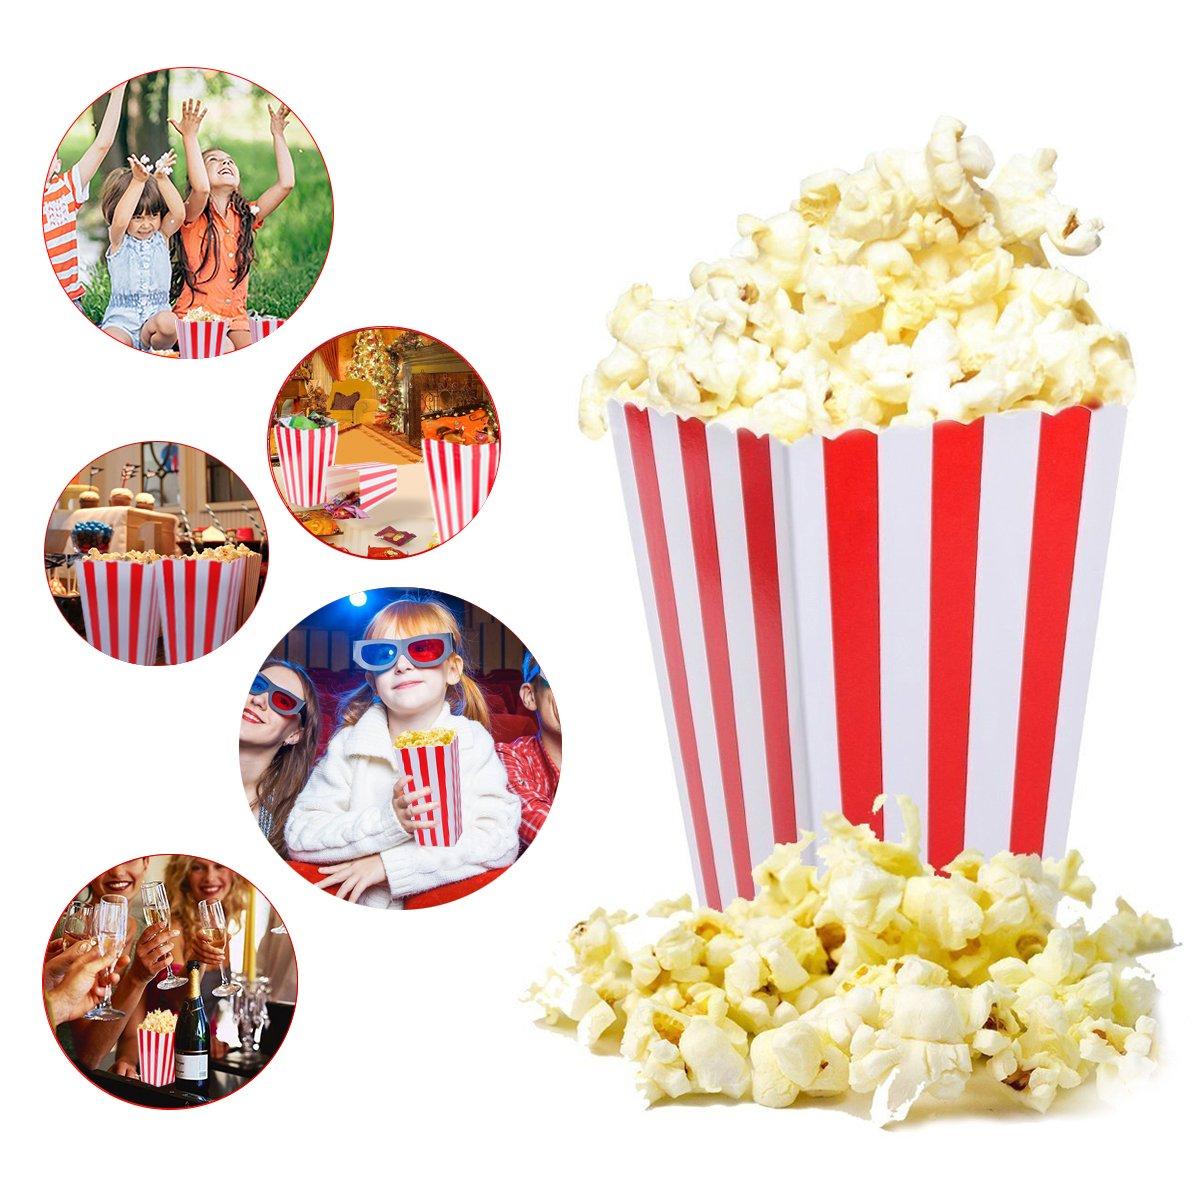 para Fiestas ni/ños Rayas Rojas y Blancas Tankerstreet Bolsas de cart/ón para Palomitas Marca Teatro Cine 24 Unidades Regalos 01 cumplea/ños